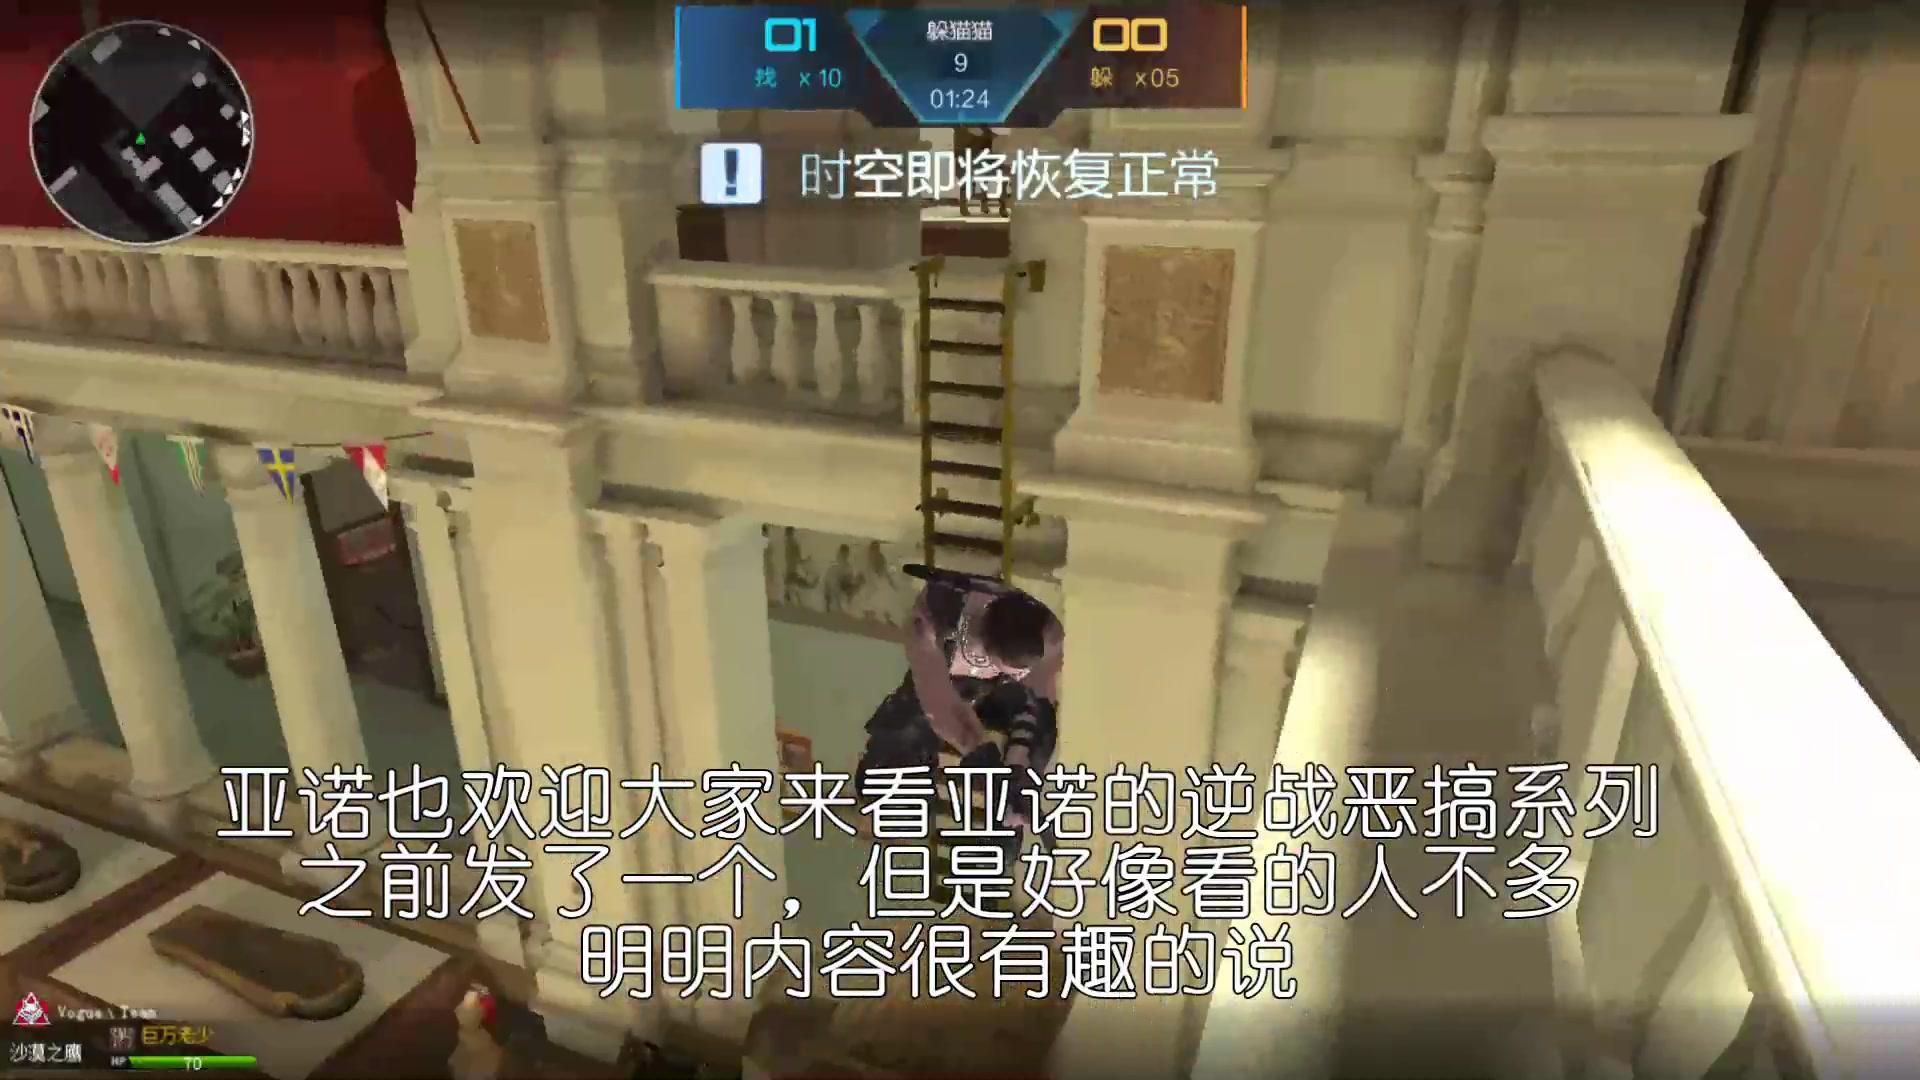 逆战躲猫猫卡点_逆战躲猫猫怎么跳到的箱子里面_突袭网